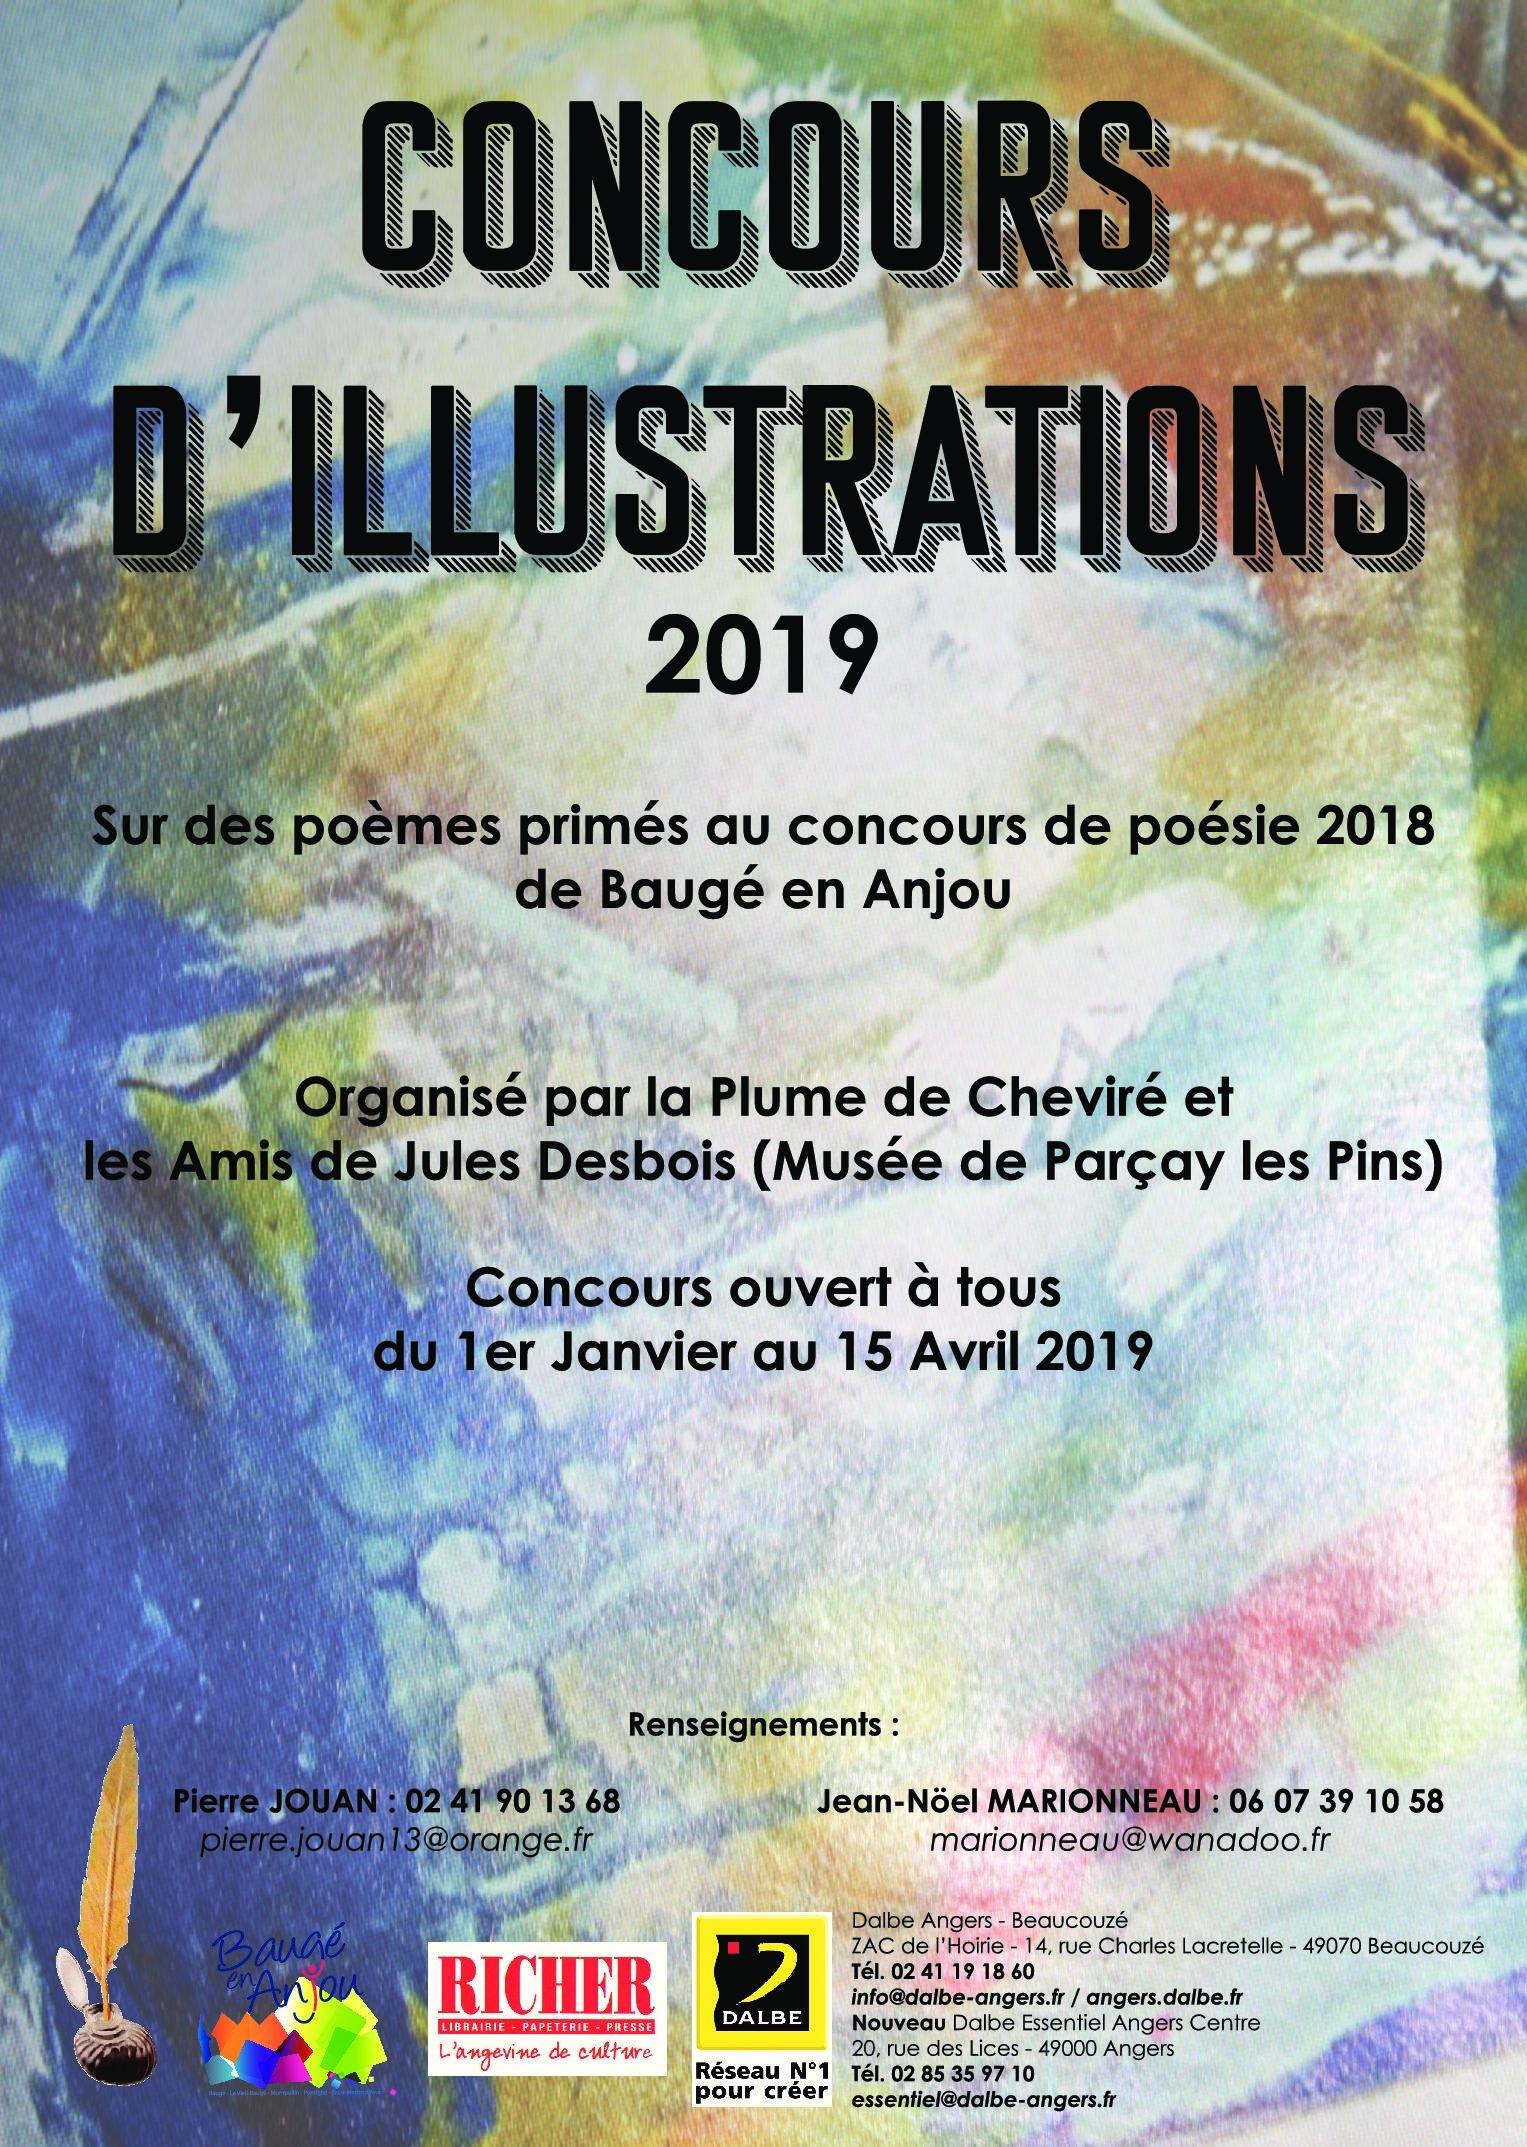 Concours d'illustration 2019